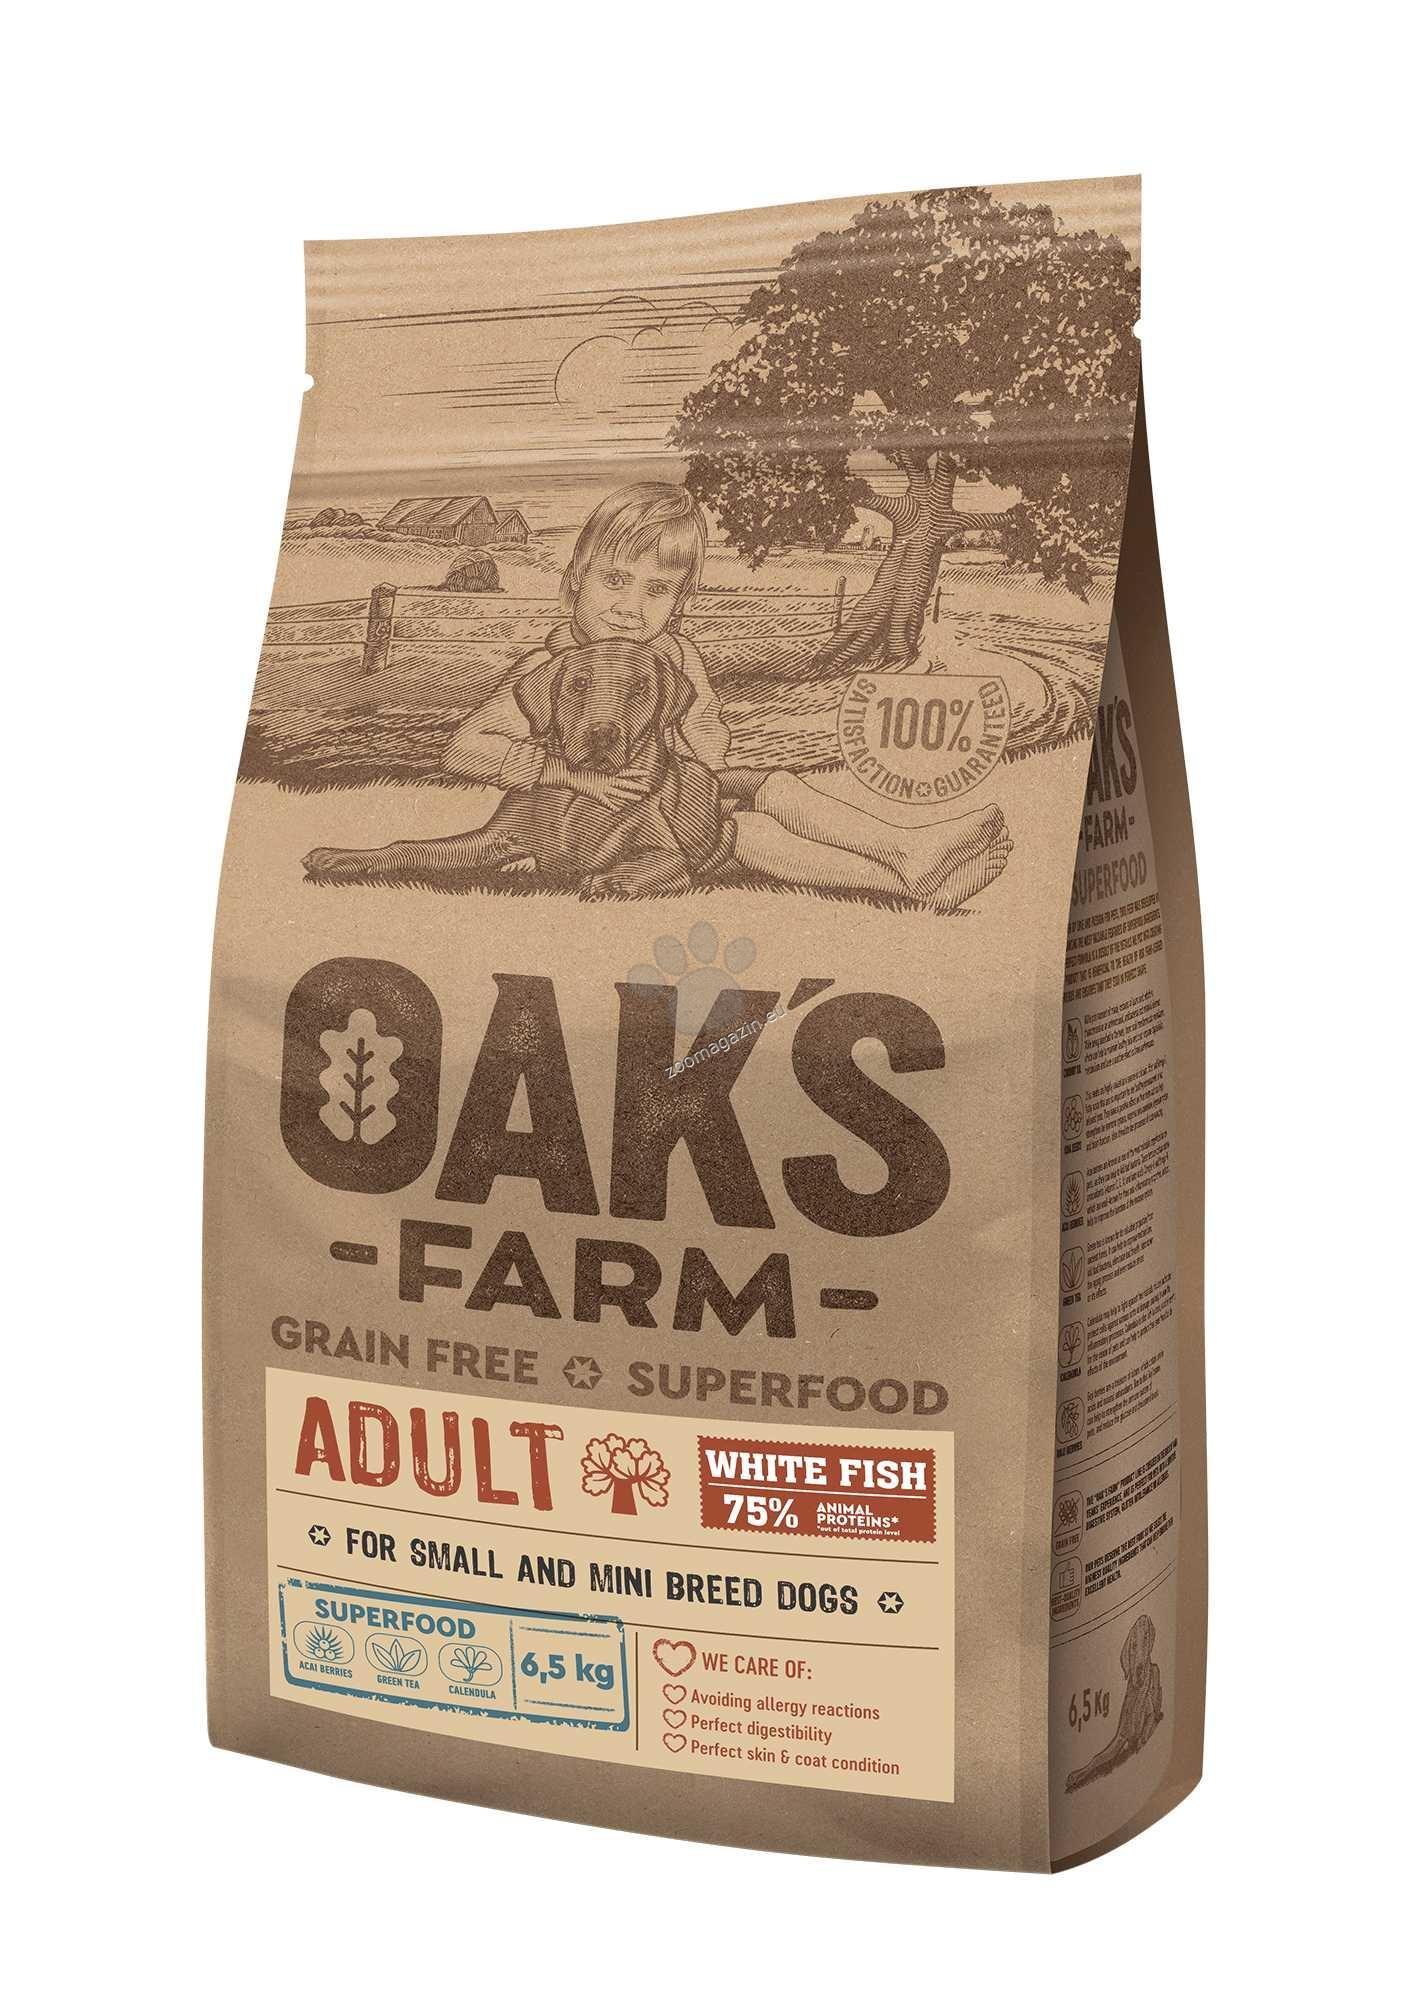 Oaks Farm Adult White Fish Small-Mini Breeds - пълноценна храна с бяла риба, без зърнени култури за пораснали кучета от малки и мини породи (За кучета с тегло 1-10кг) 18 кг.